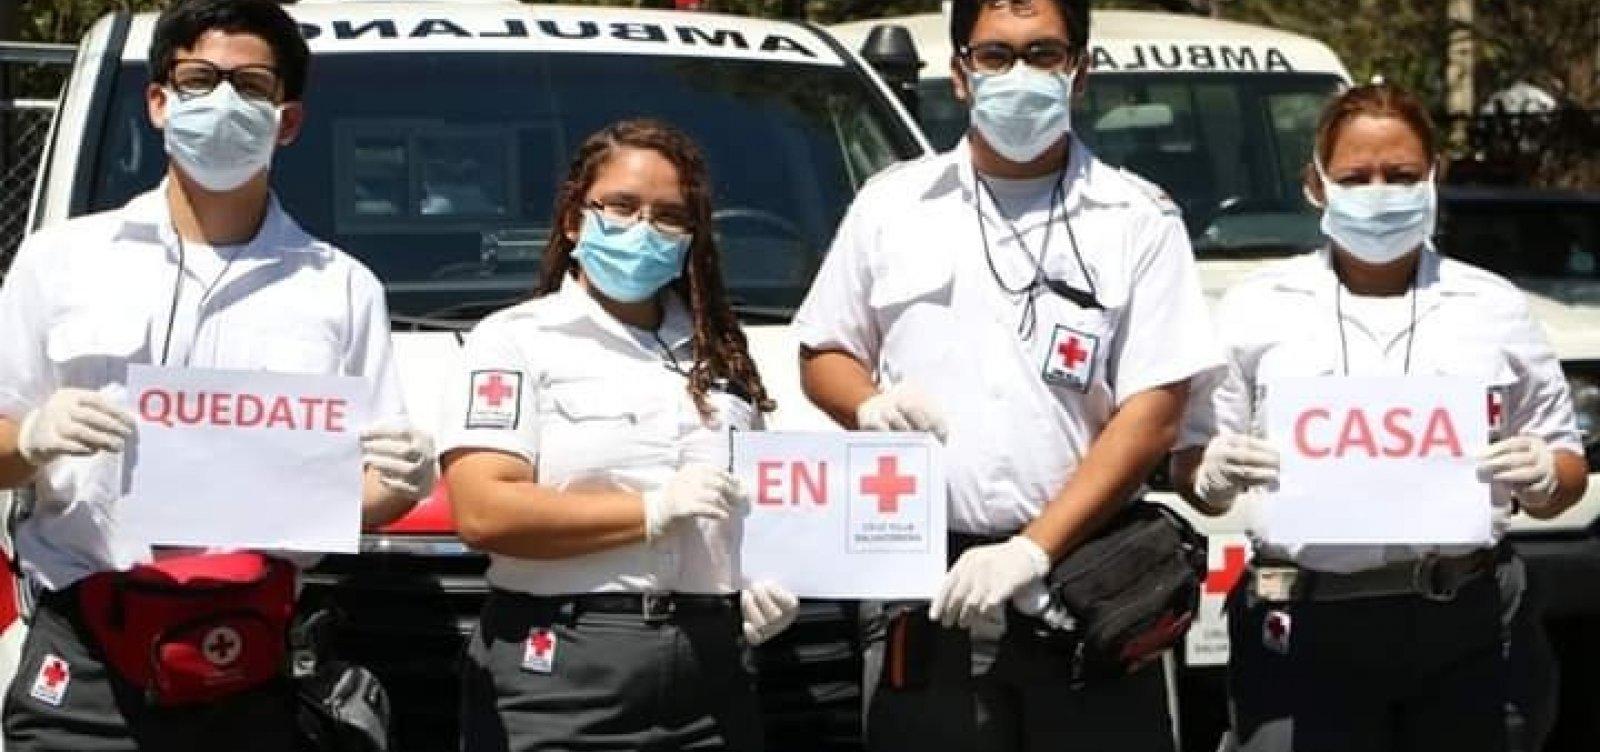 [Espanha prorroga isolamento por mais duas semanas; mortes já passam de 4 mil]